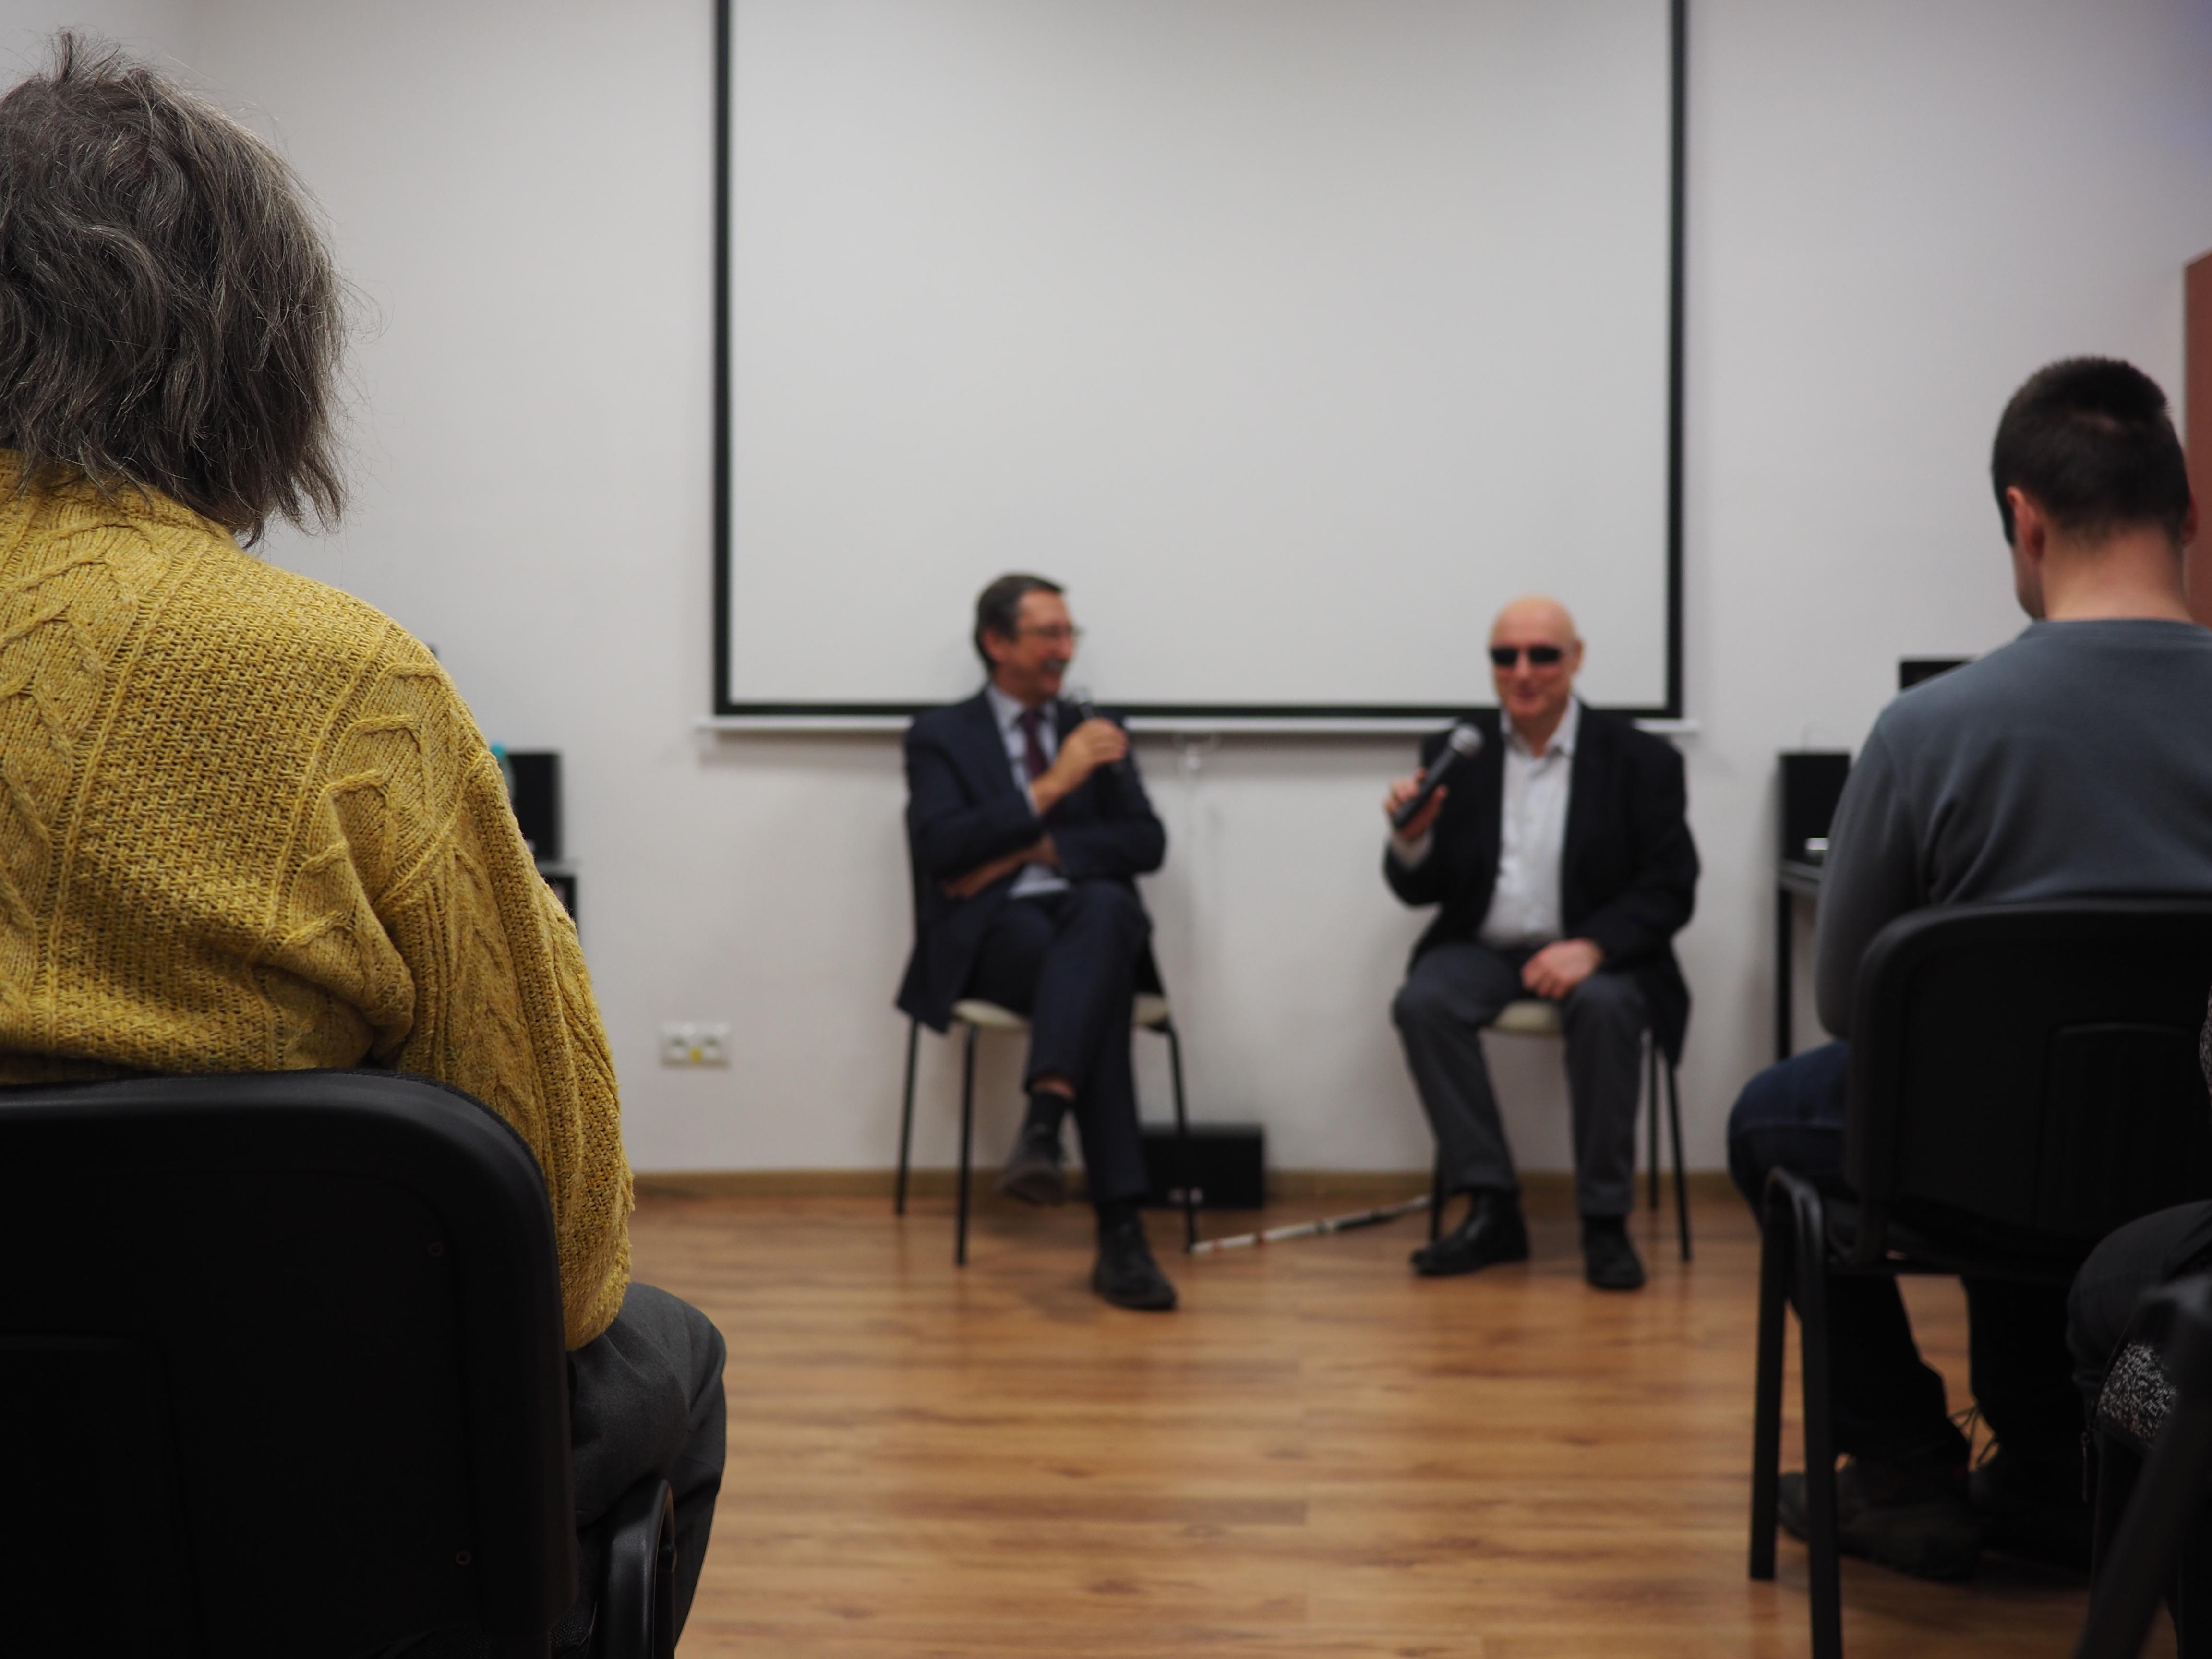 Profesor i Pan Marek siedzą